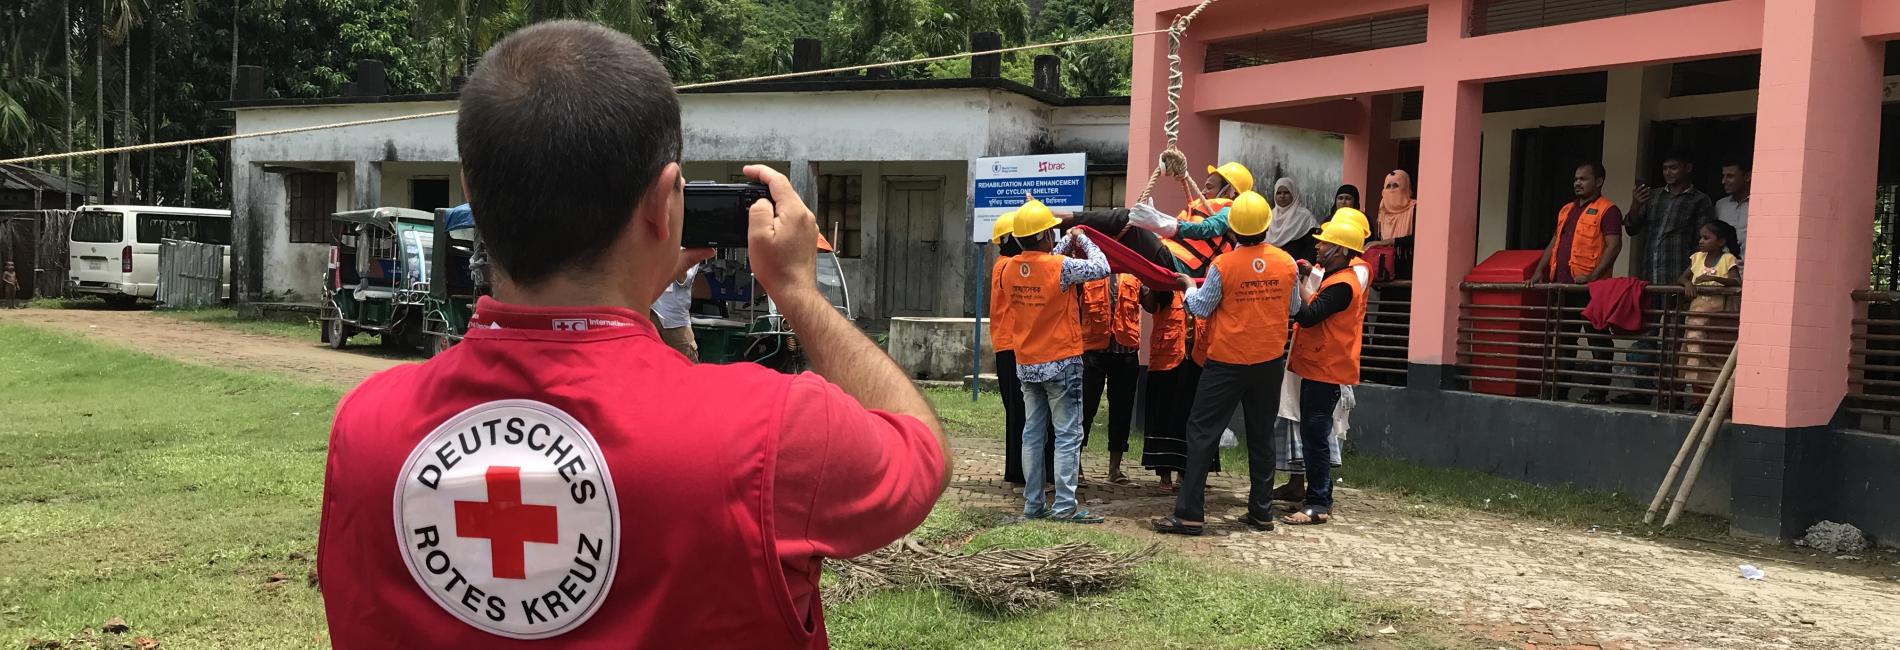 Vorbereitung auf Wirbelstürme: Training in Rettungstechiken